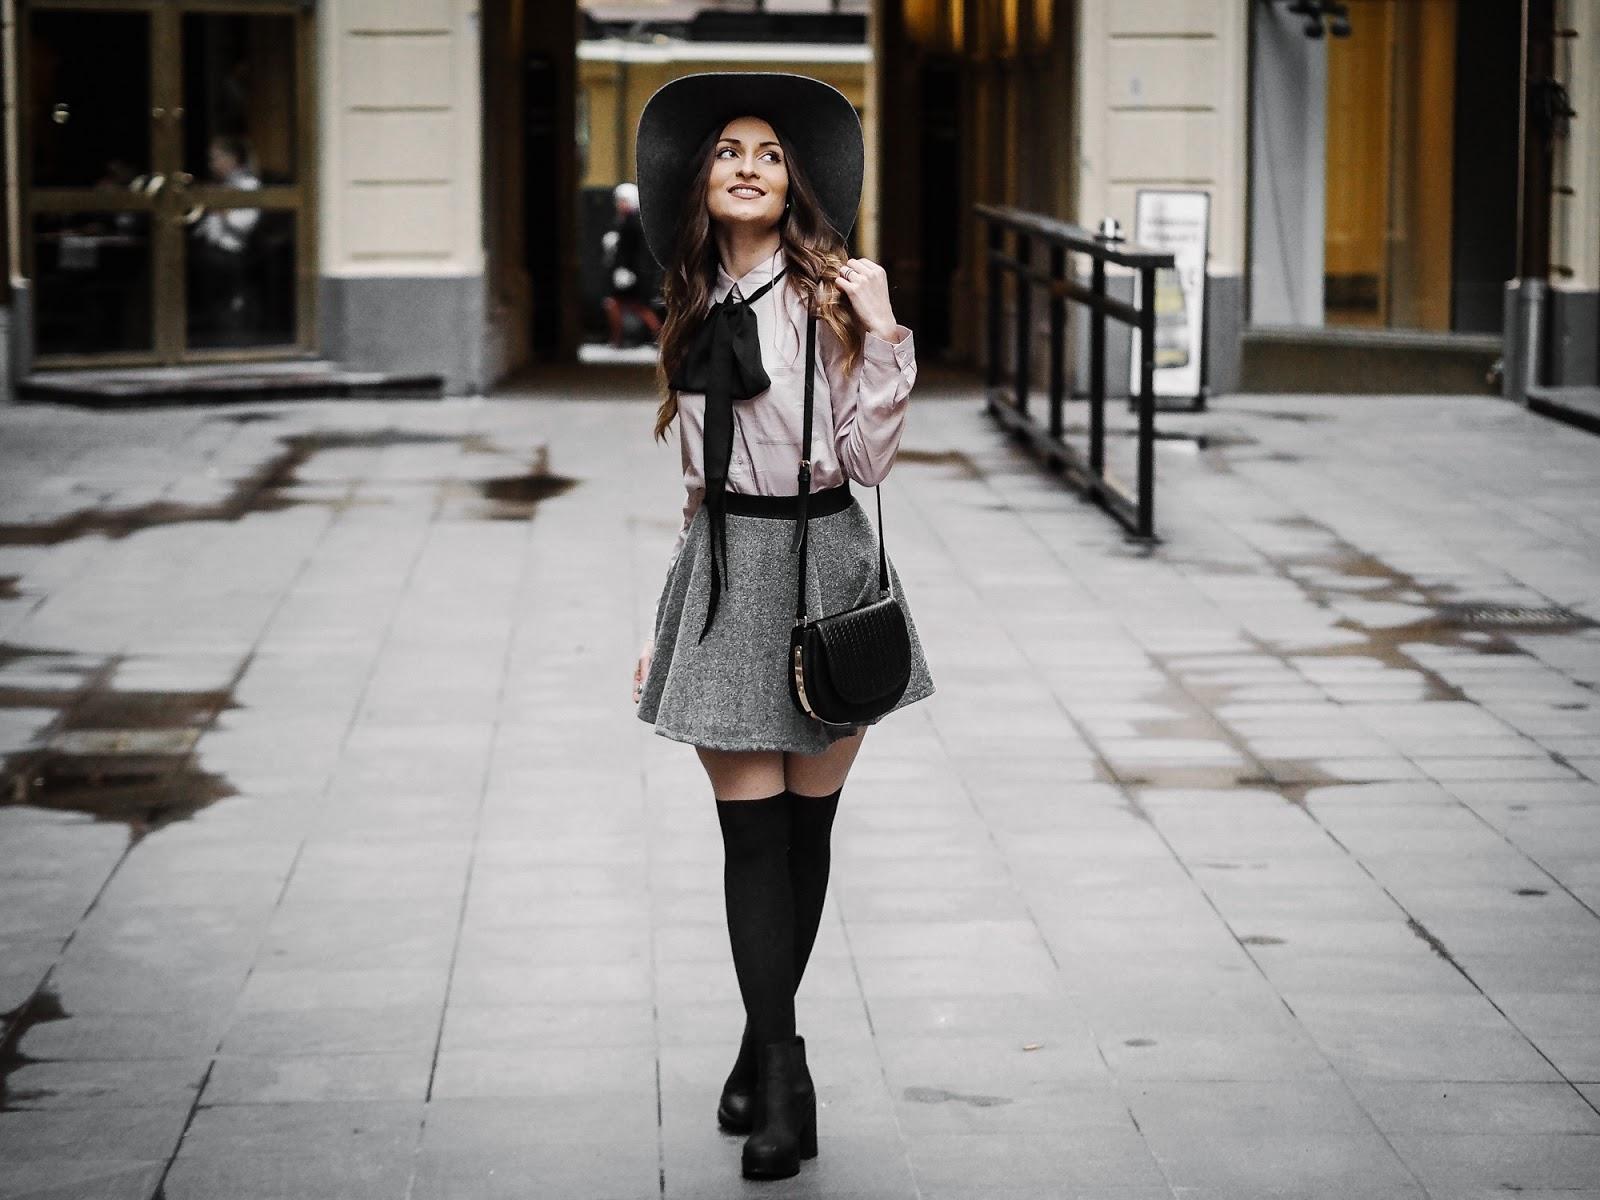 naisellinen tyyli blogi